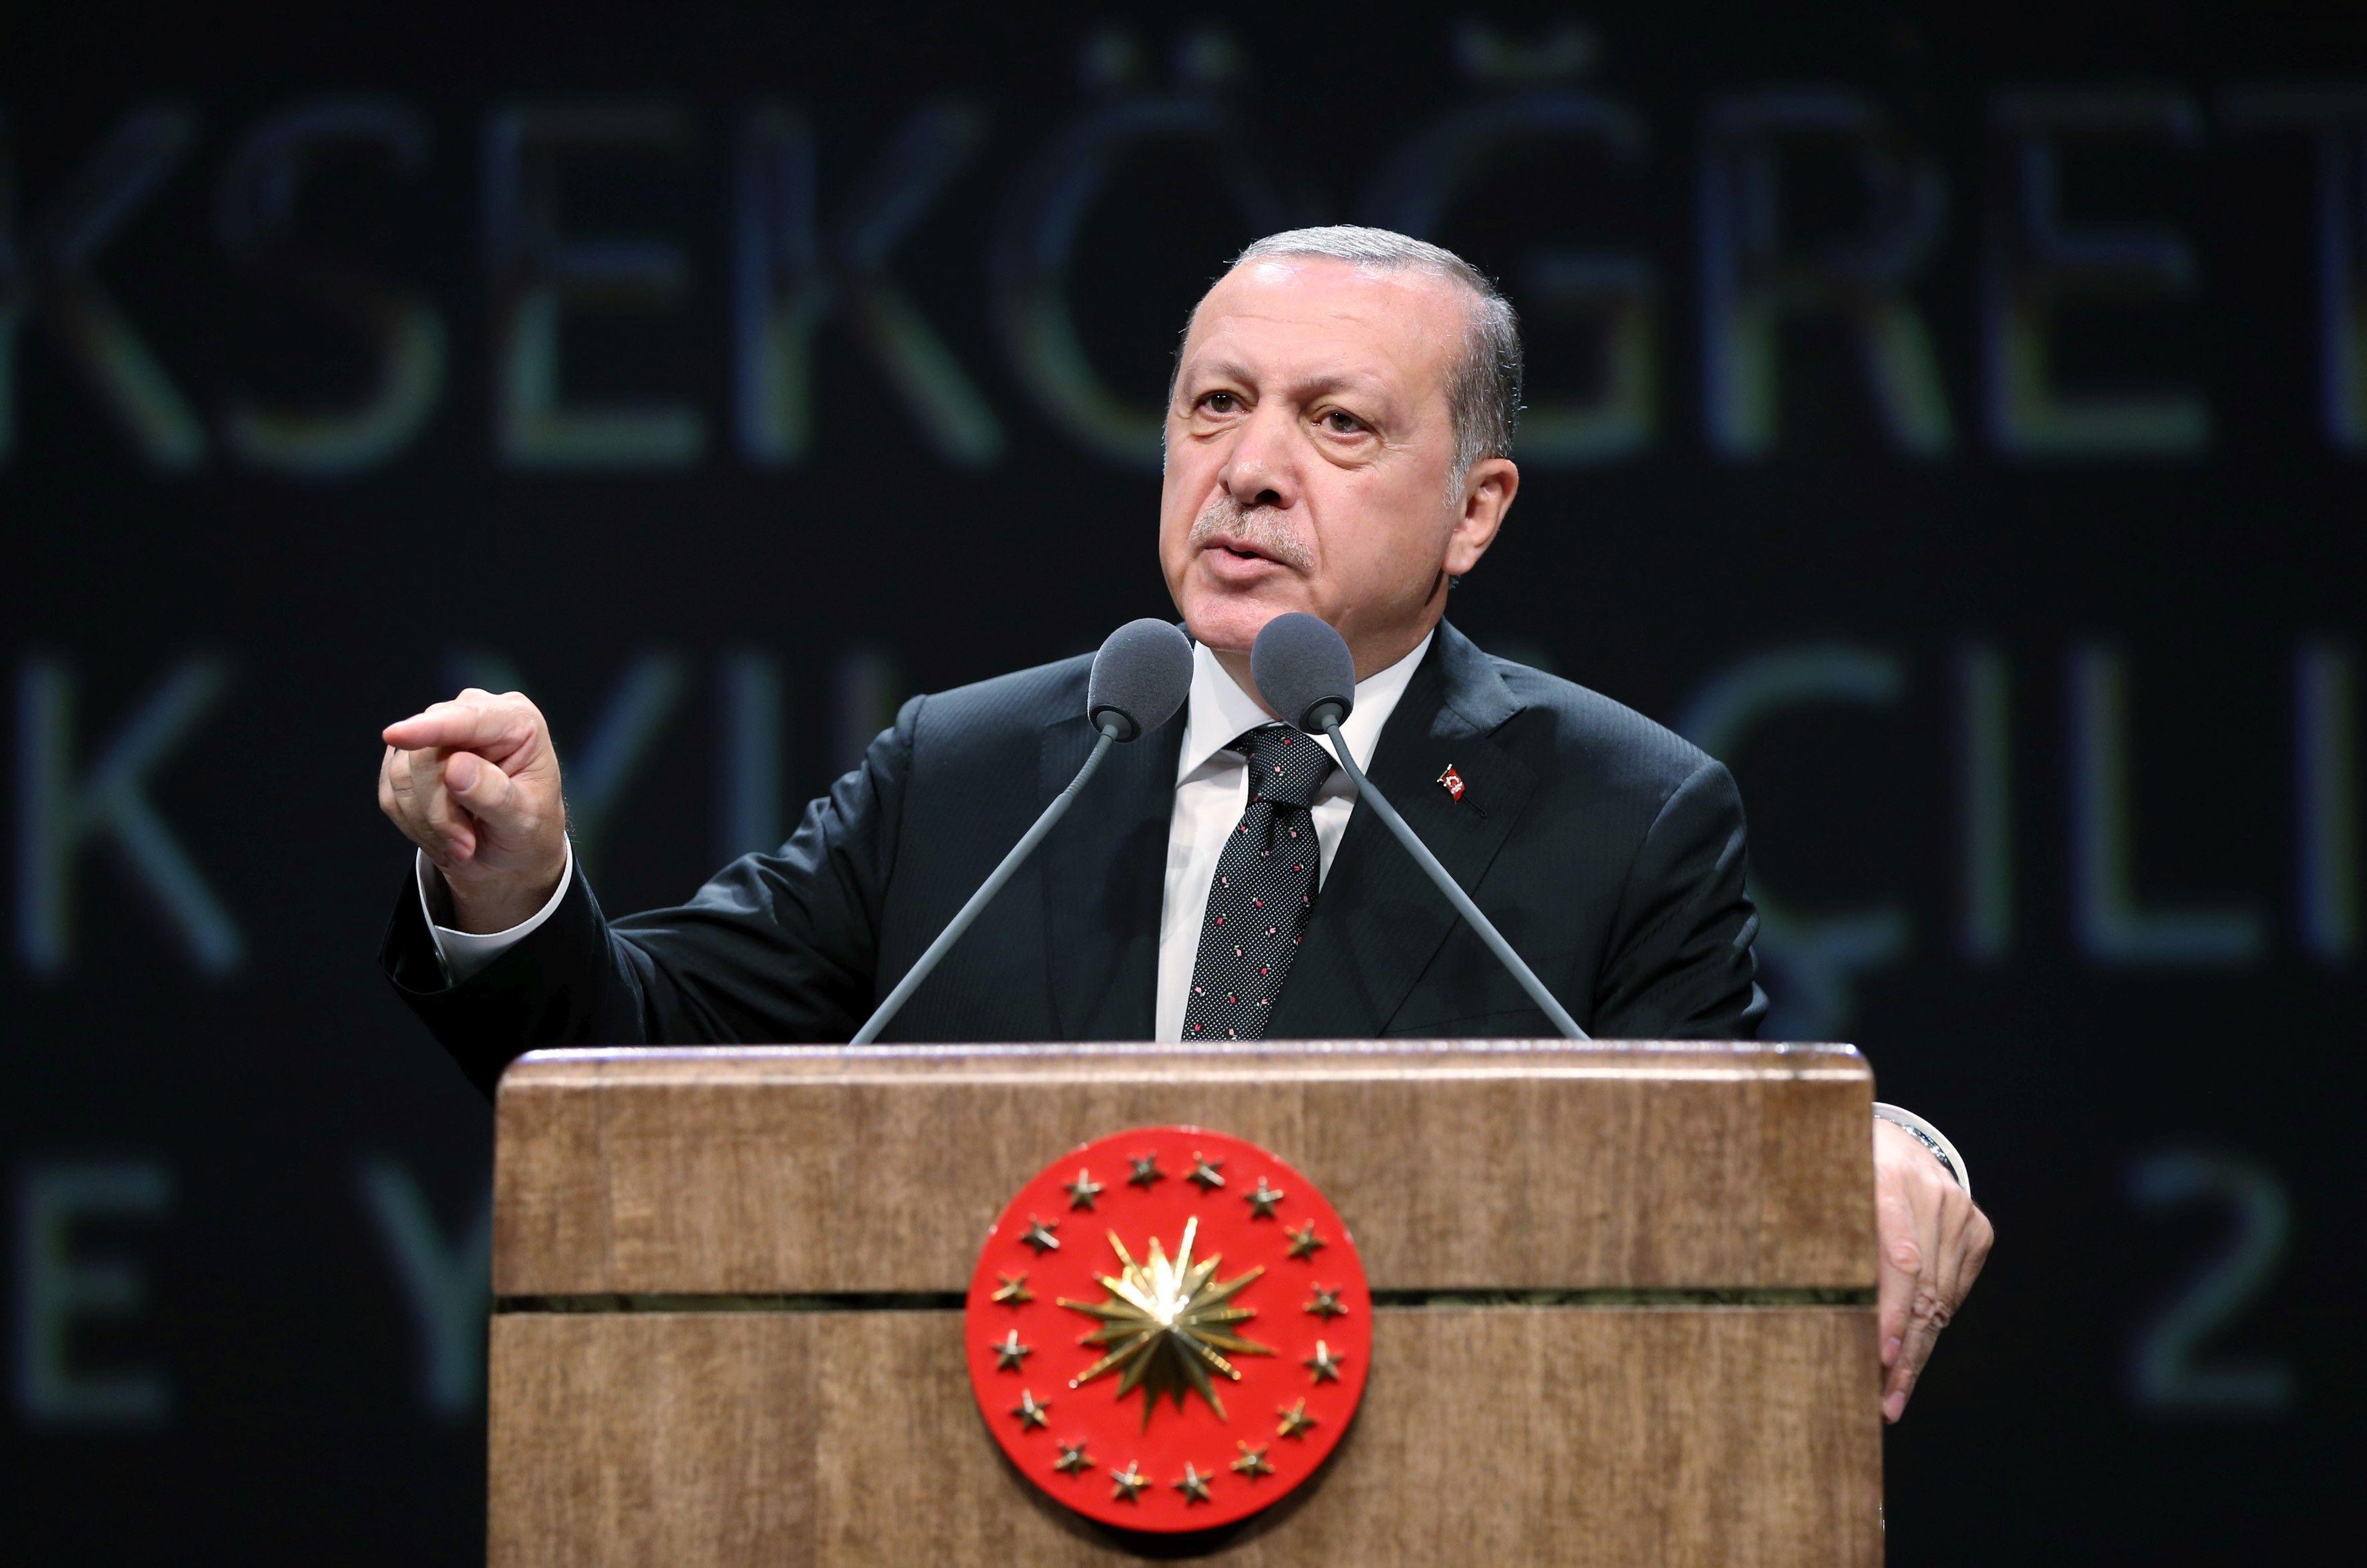 Recep Tayyip Erdogan lansează critici fără precedent la adresa Statele Unite, pe fondul tensiunilor diplomatice dintre Washington şi Ankara